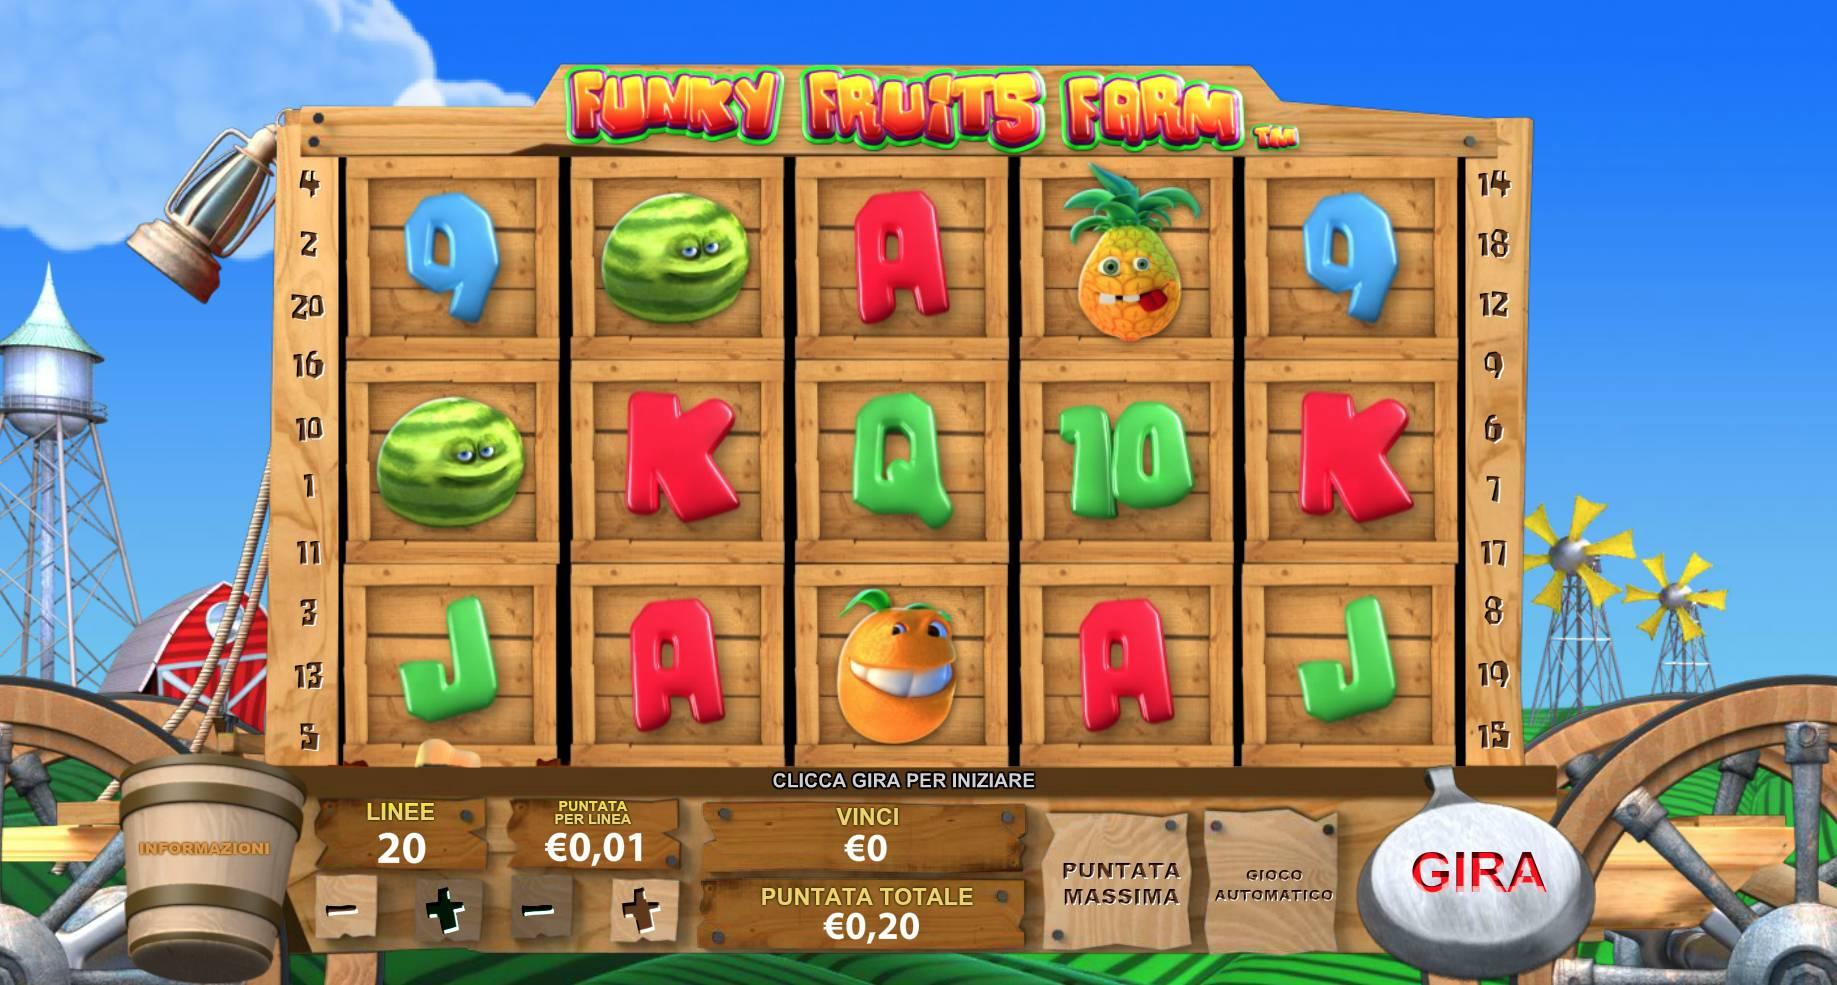 Gioca a Funky Fruit Farm su Casino.com Italia